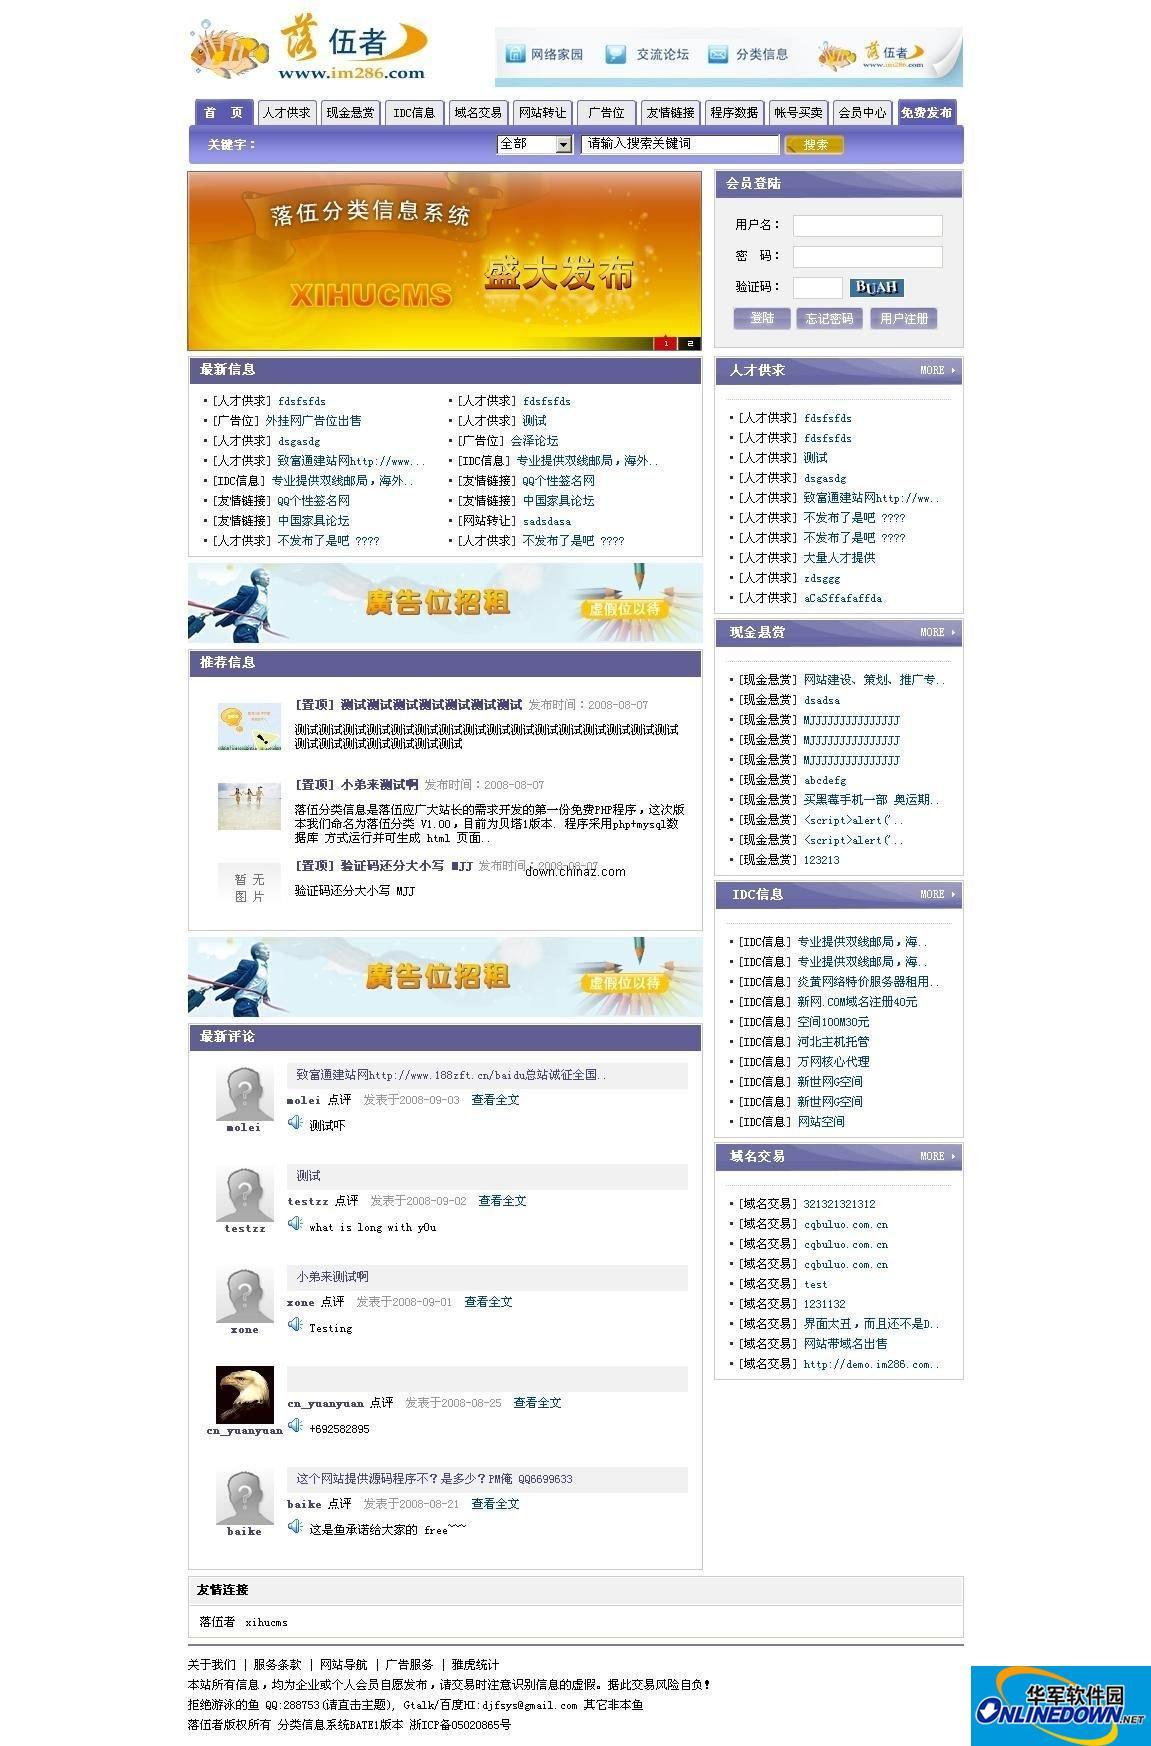 落伍PHP分类系统 PC版